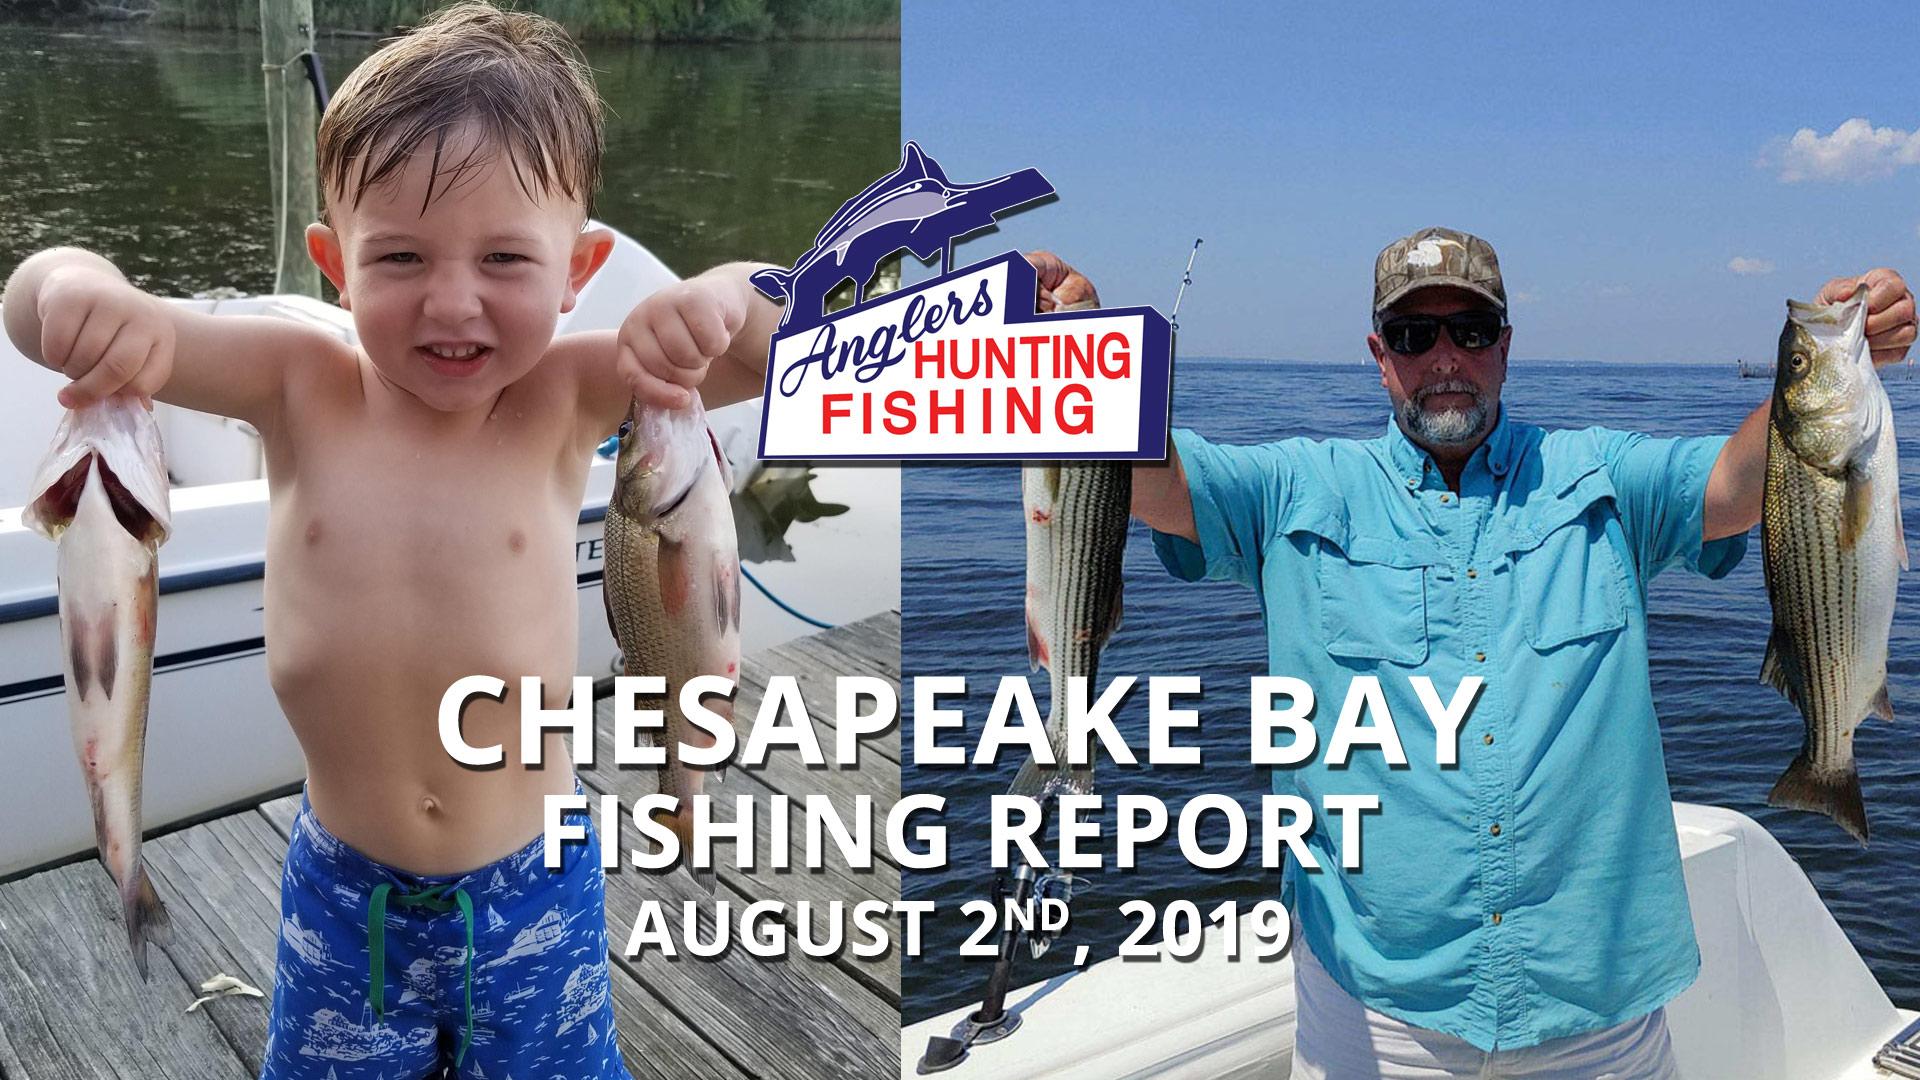 Chesapeake Bay Fishing Report - August 2nd, 2019